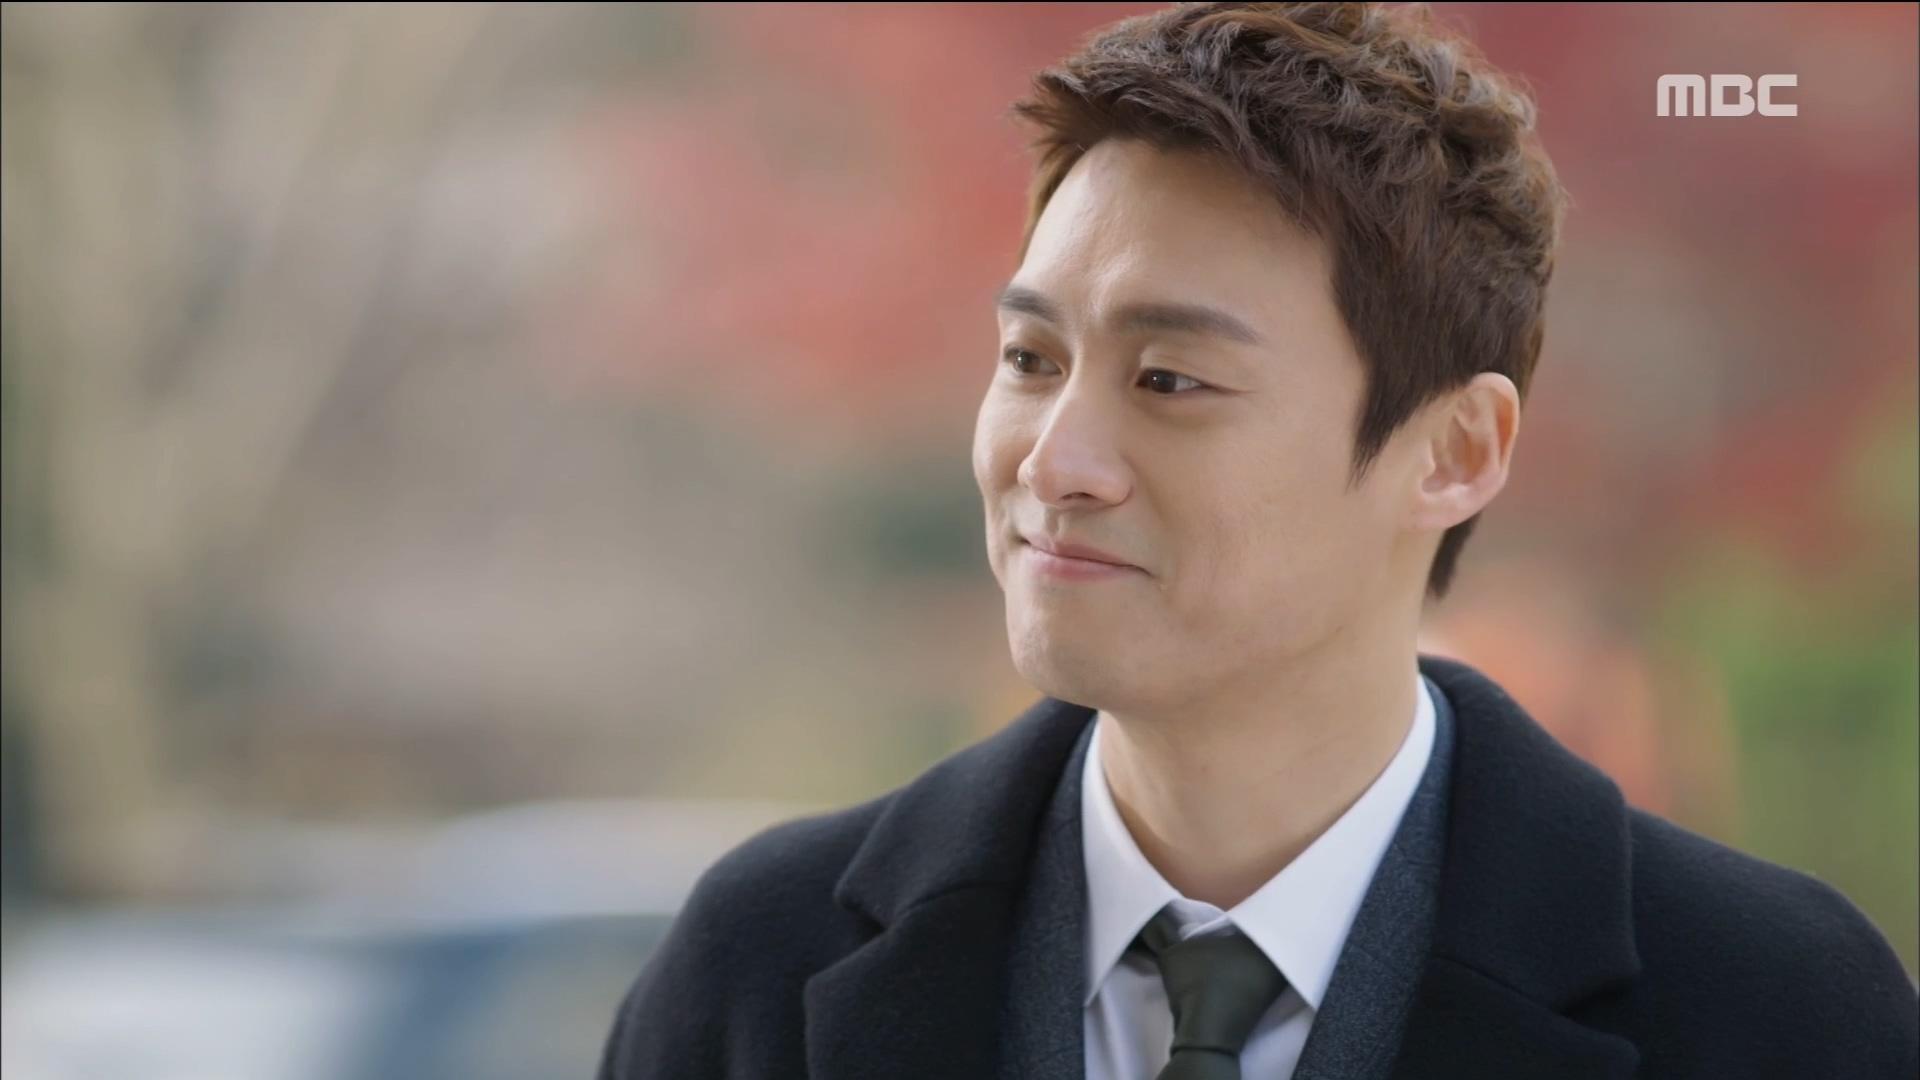 '변호사 커플' 오상진♥이상희, 시작하는 연인들의 소소한 행복